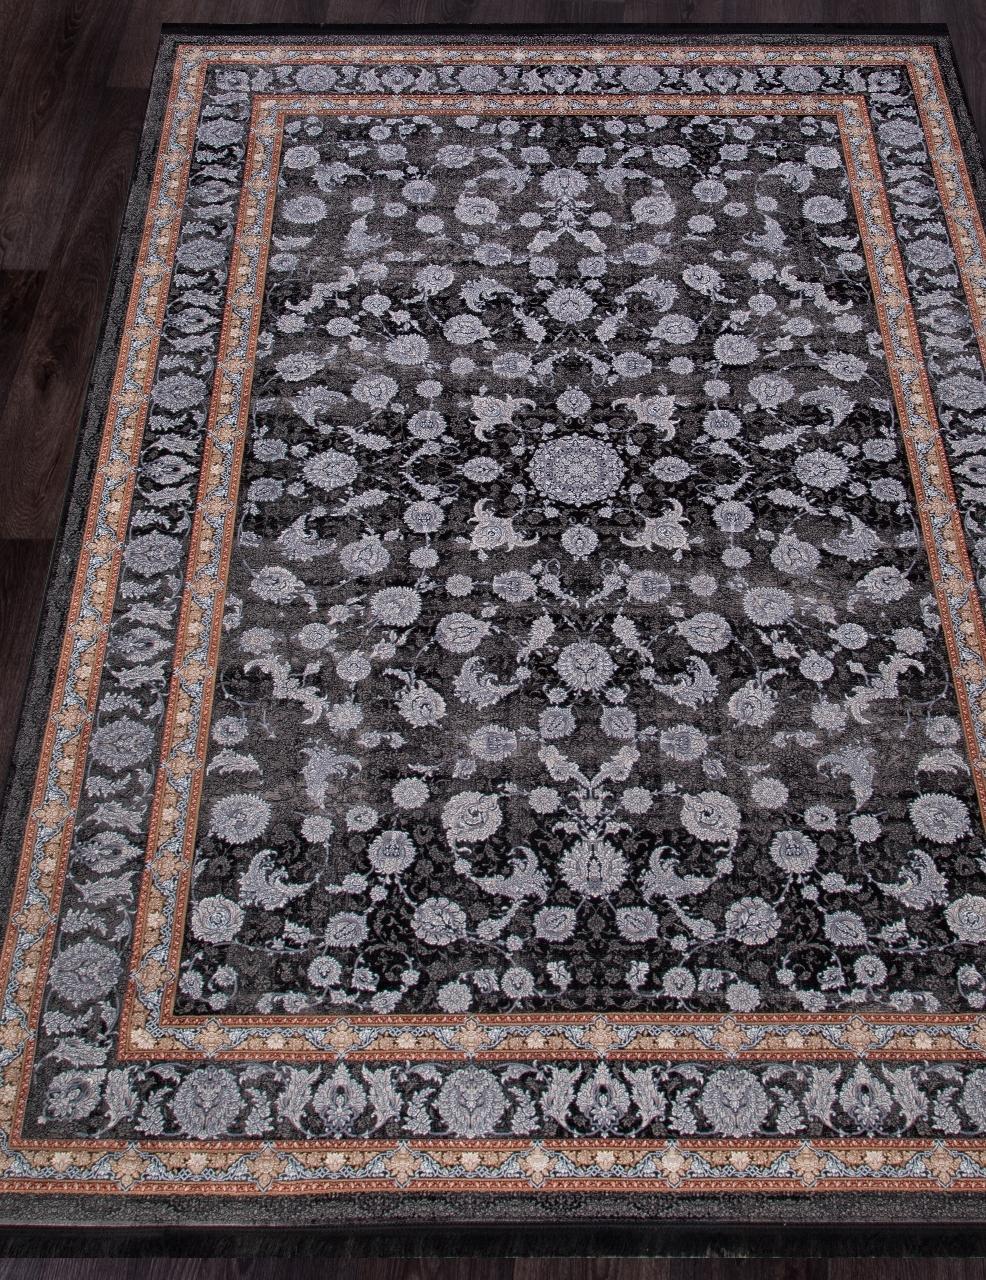 Ковер 9046 - 000 - Прямоугольник - коллекция MUSKAT 1200 - фото 1